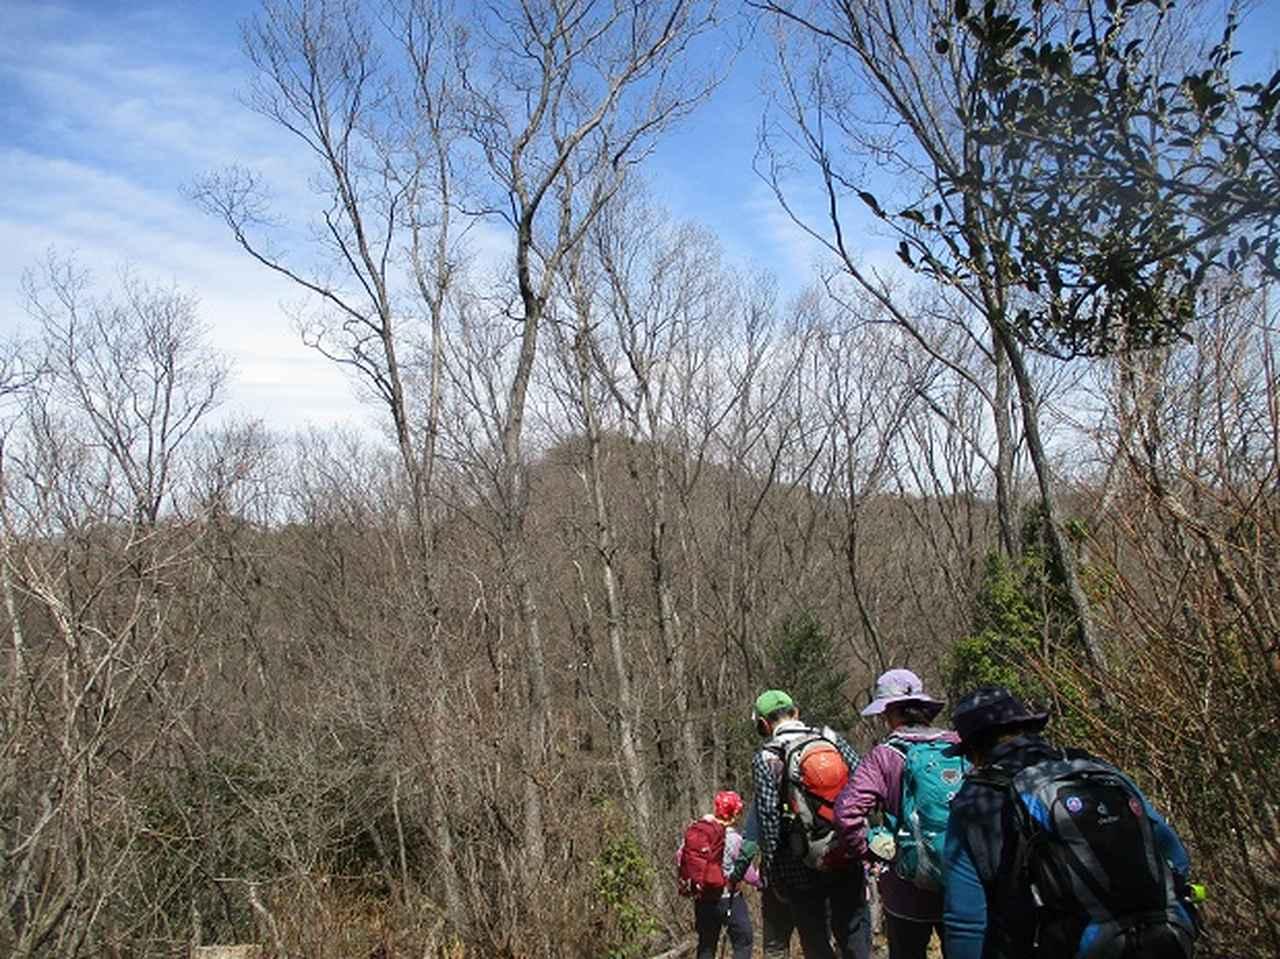 画像11: 3月22日にカタクリで有名な 三かも山 へ行ってきました♪